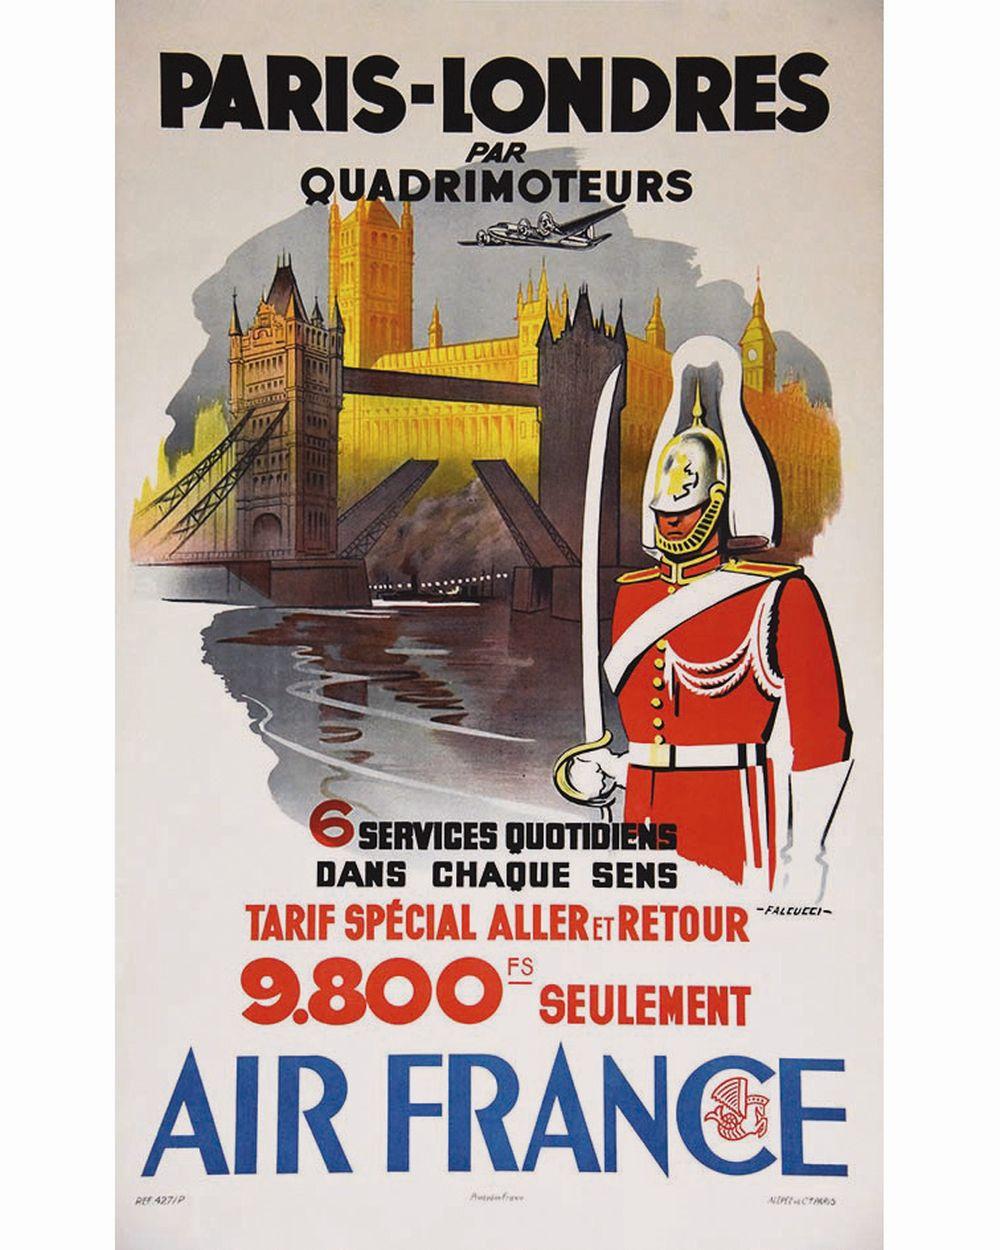 FALCUCCI - Paris Londres par quadrimoteur Air France     vers  1950